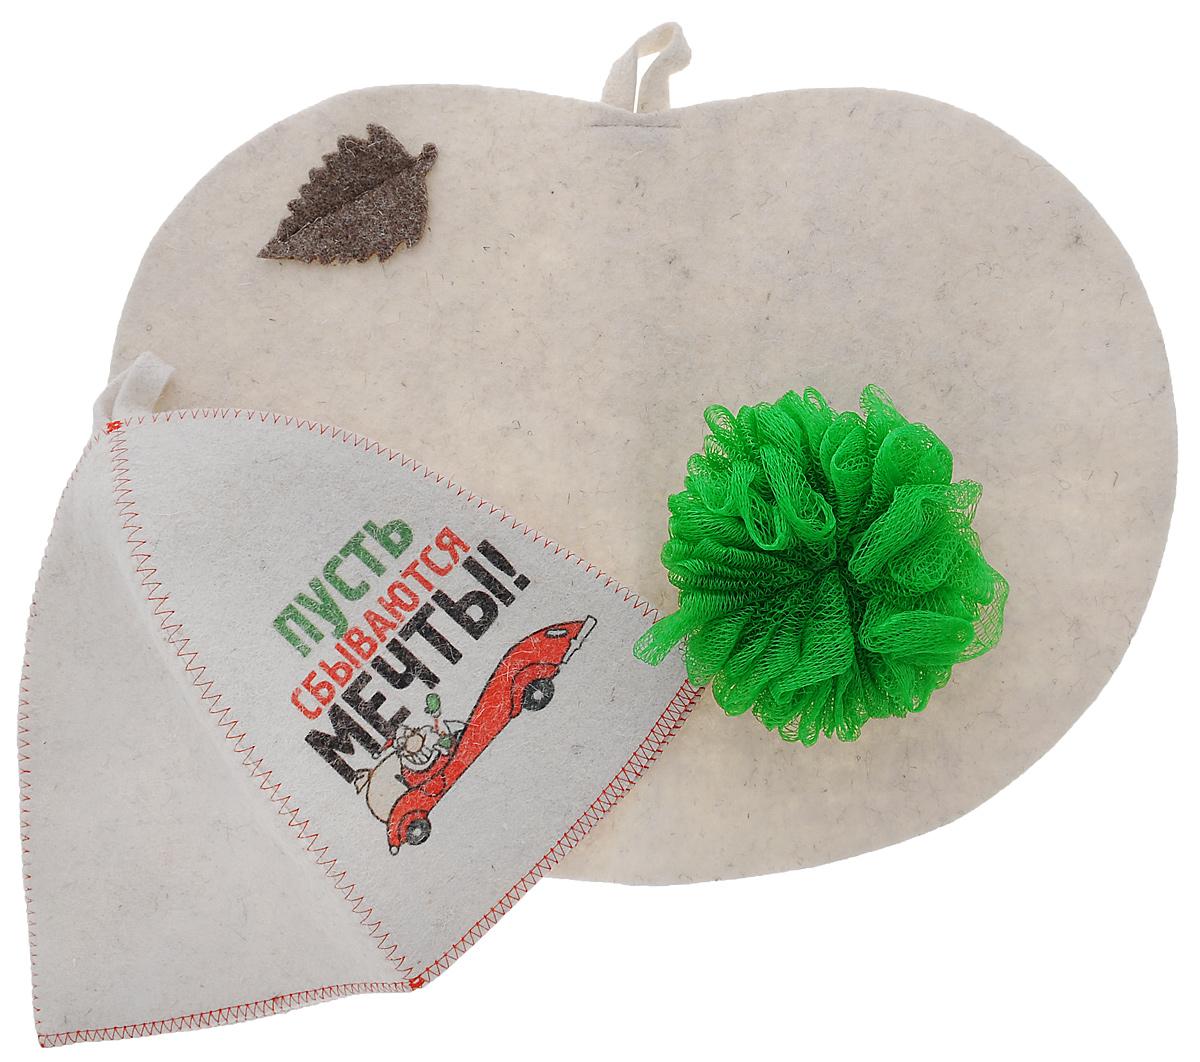 OZON.ruА350_дед мороз на машине/зеленыйПодарочный набор для бани и сауны Главбаня Дед Мороз на машине состоит из шапки, мочалки и коврика. Шапка, изготовленная из шерсти, декорирована красочным изображением и надписью Пусть сбываются мечты!. Благодаря сетчатой мочалке из полиэстера вам обеспечено много пены. Коврик для сидения, выполненный из шерсти, имеет форму яблока и декорирован объемной фигуркой листочка. Такой набор поможет с удовольствием и пользой провести время в бане, а также станет чудесным подарком друзьям и знакомым, которые по достоинству его оценят при первом же использовании. Размер коврика: 44 см х 31 см. Обхват головы шапки: 66 см. Высота шапки: 24 см. Диаметр мочалки: 13 см.